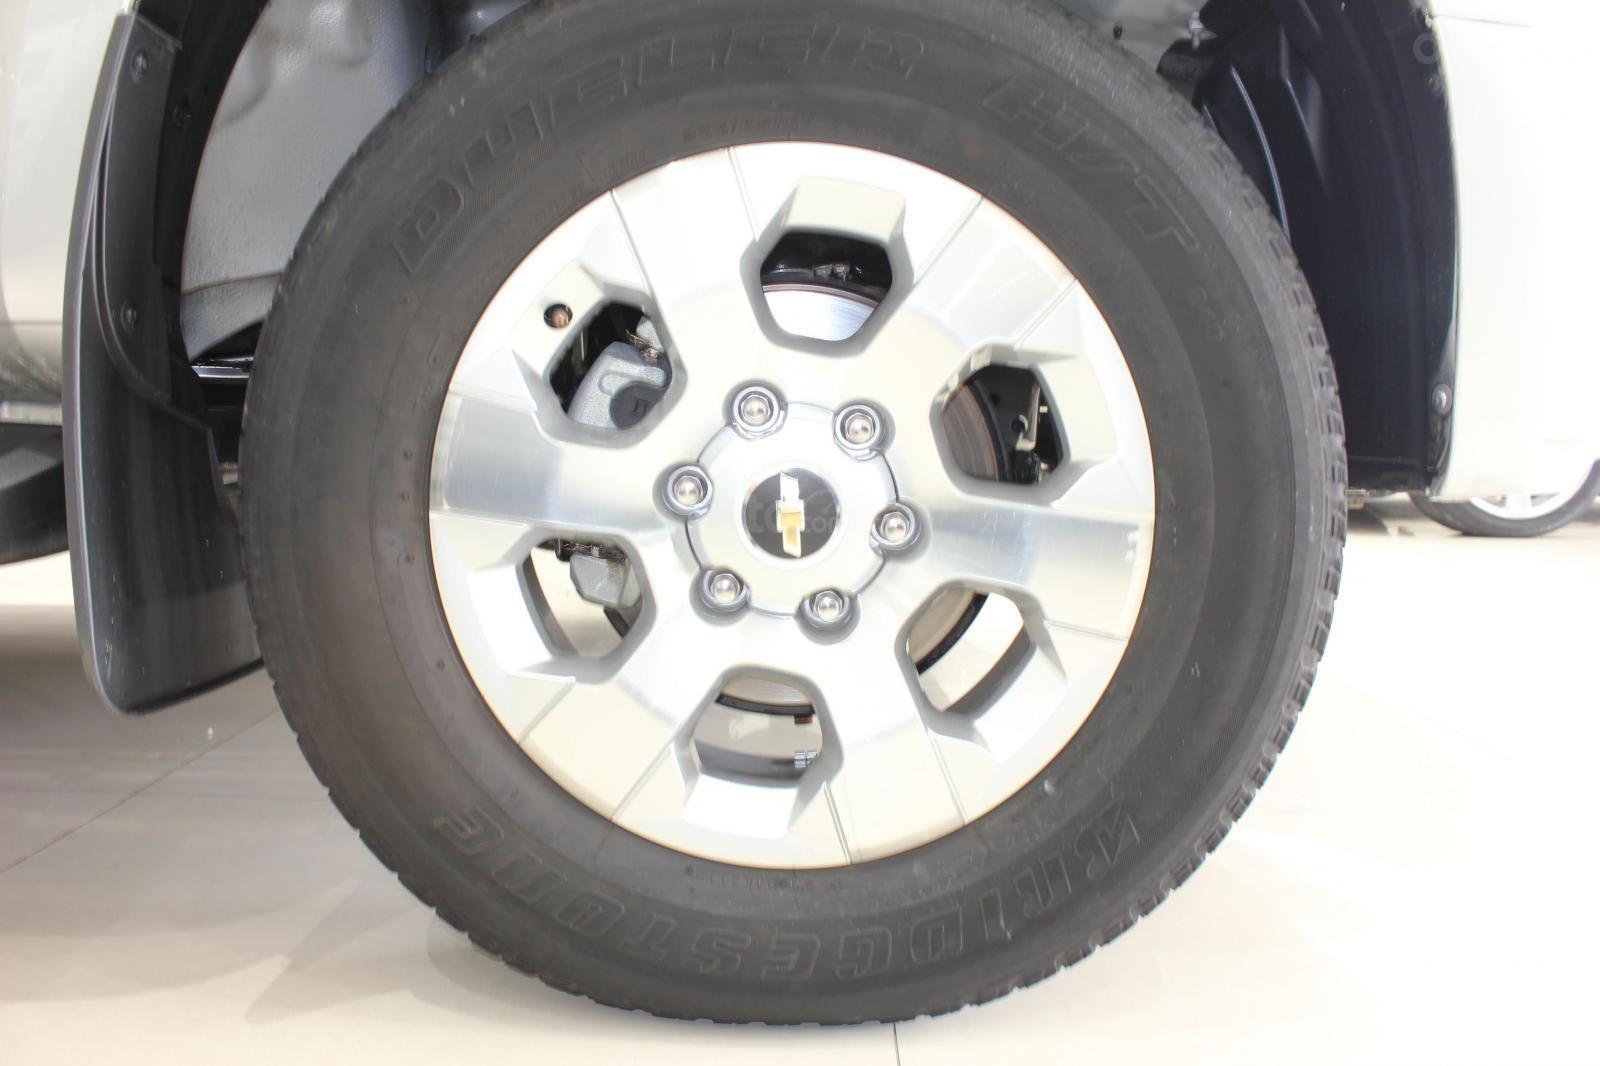 Cần bán xe Chevrolet TrailblazerLT 2.5AT 2018, máy dầu, xe nhập nguyên chiếc Thái Lan, giá thương lượng (16)